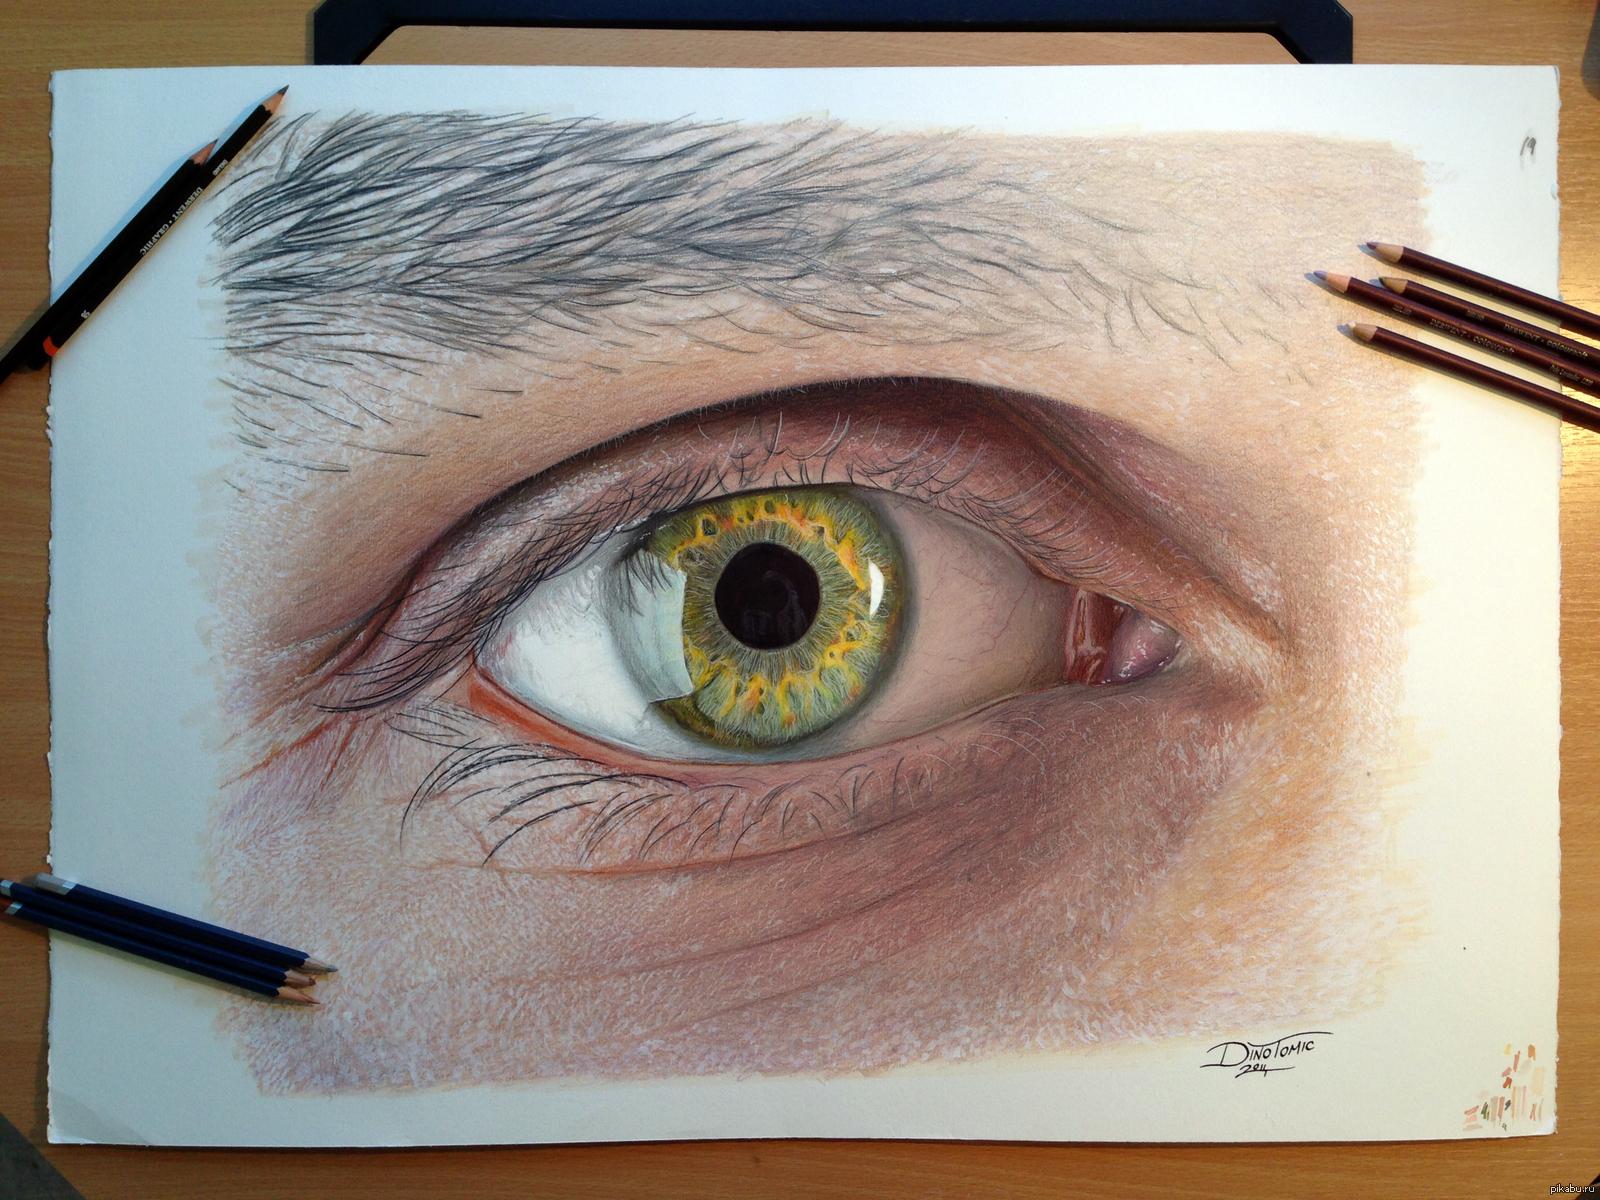 Как рисовать глаза фотореалистично